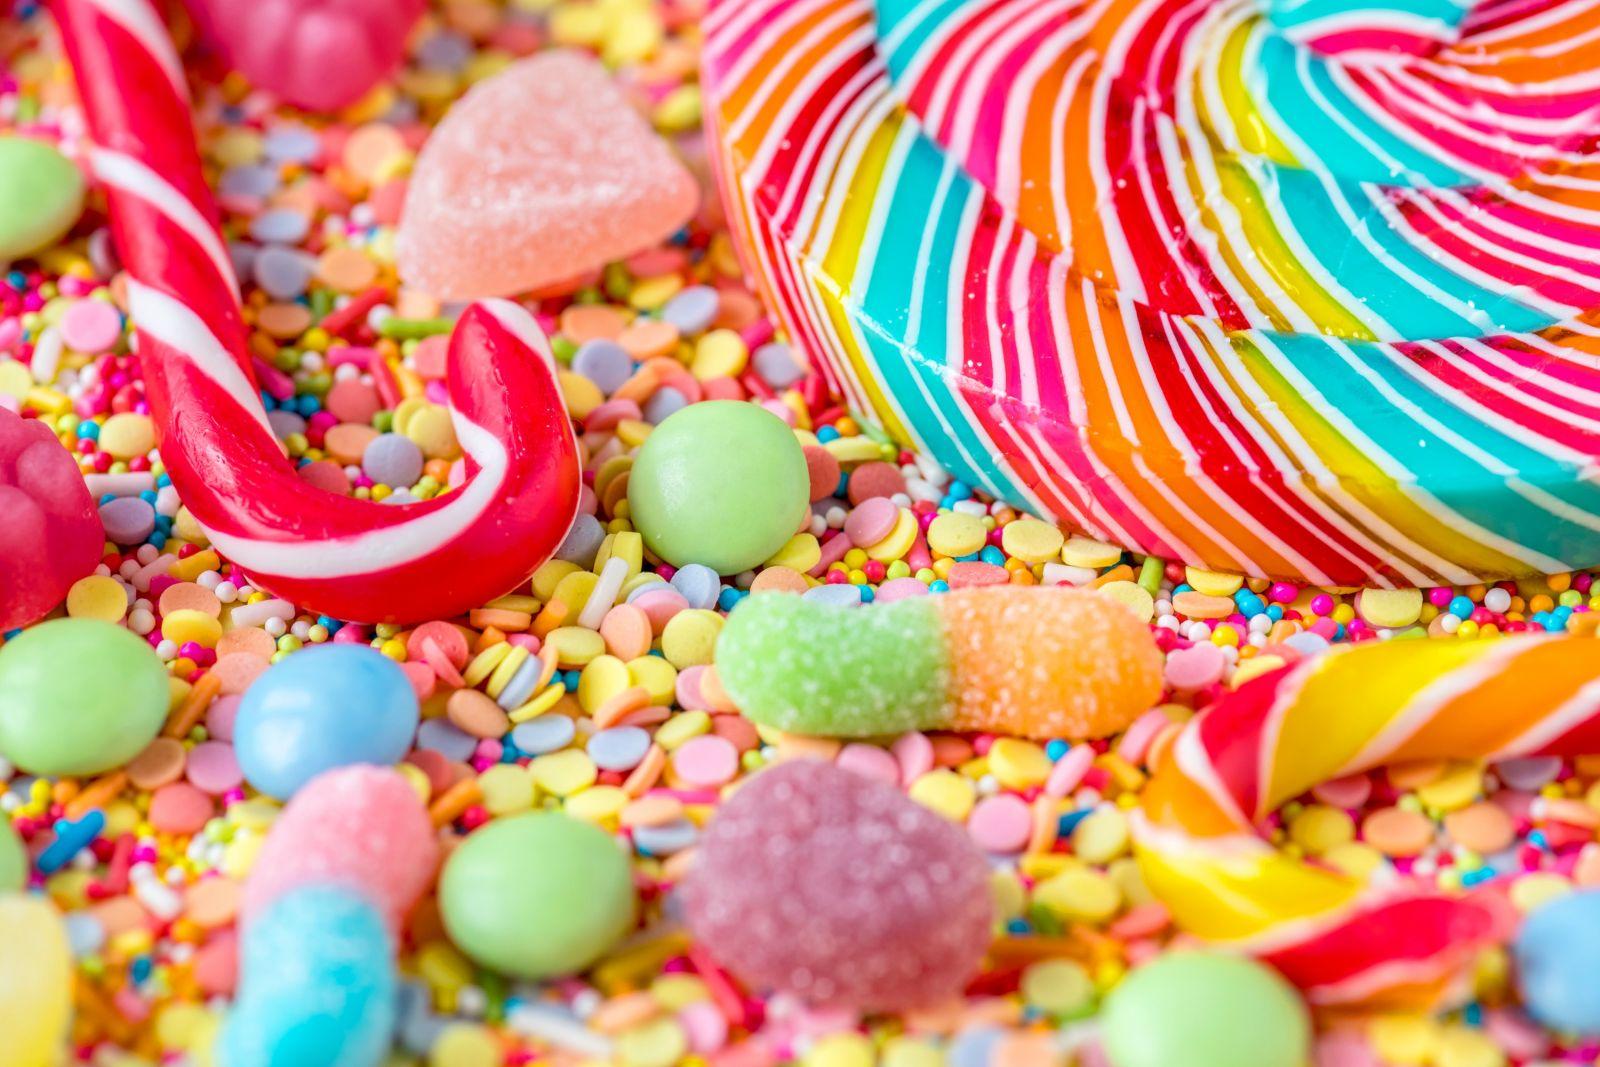 Comment diminuer le sucre au quotidien ? | Astuces